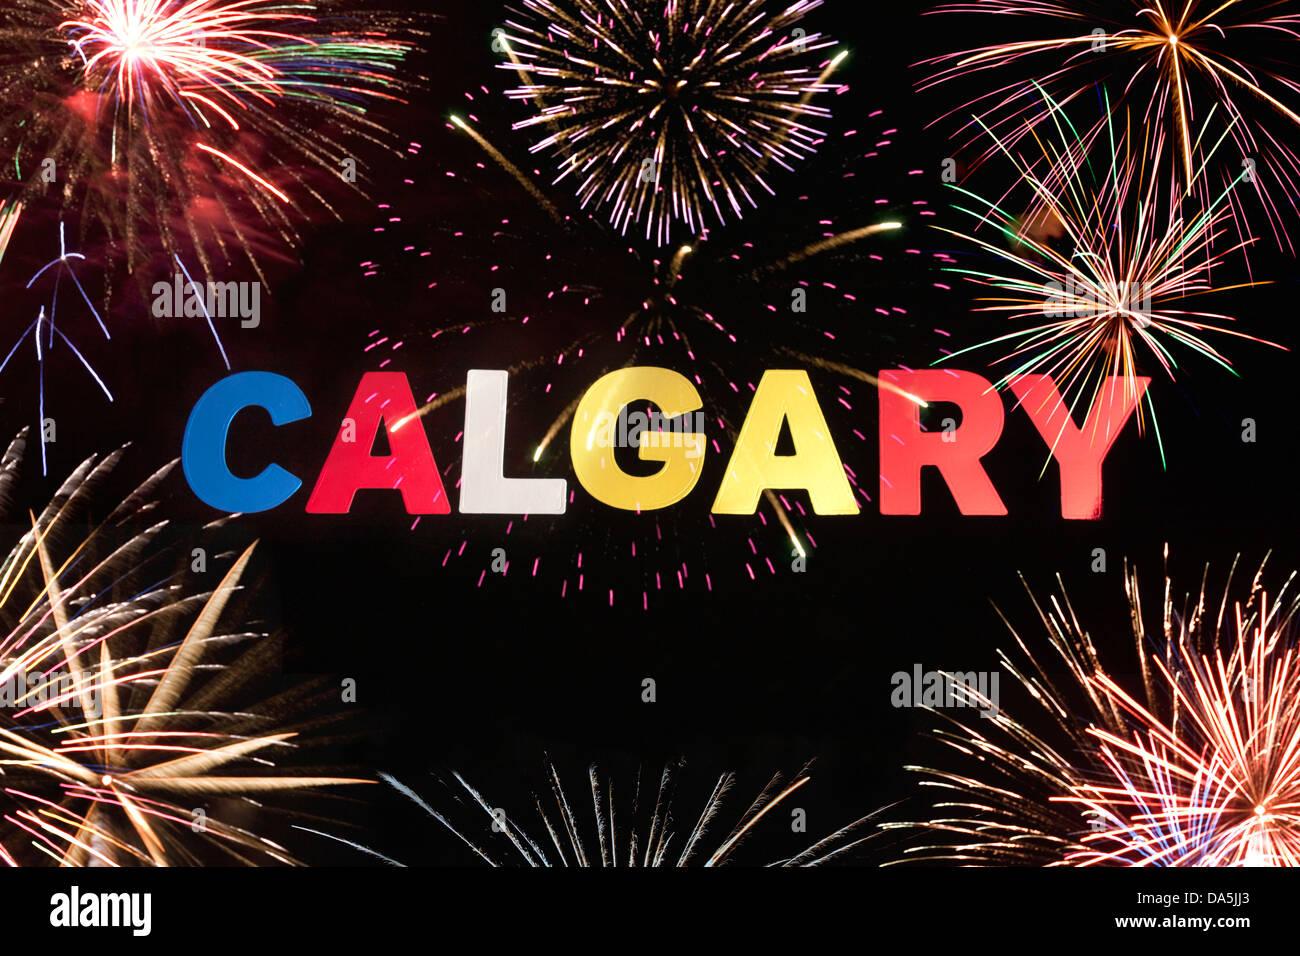 CALGARY Alberta Canada segno Immagini Stock